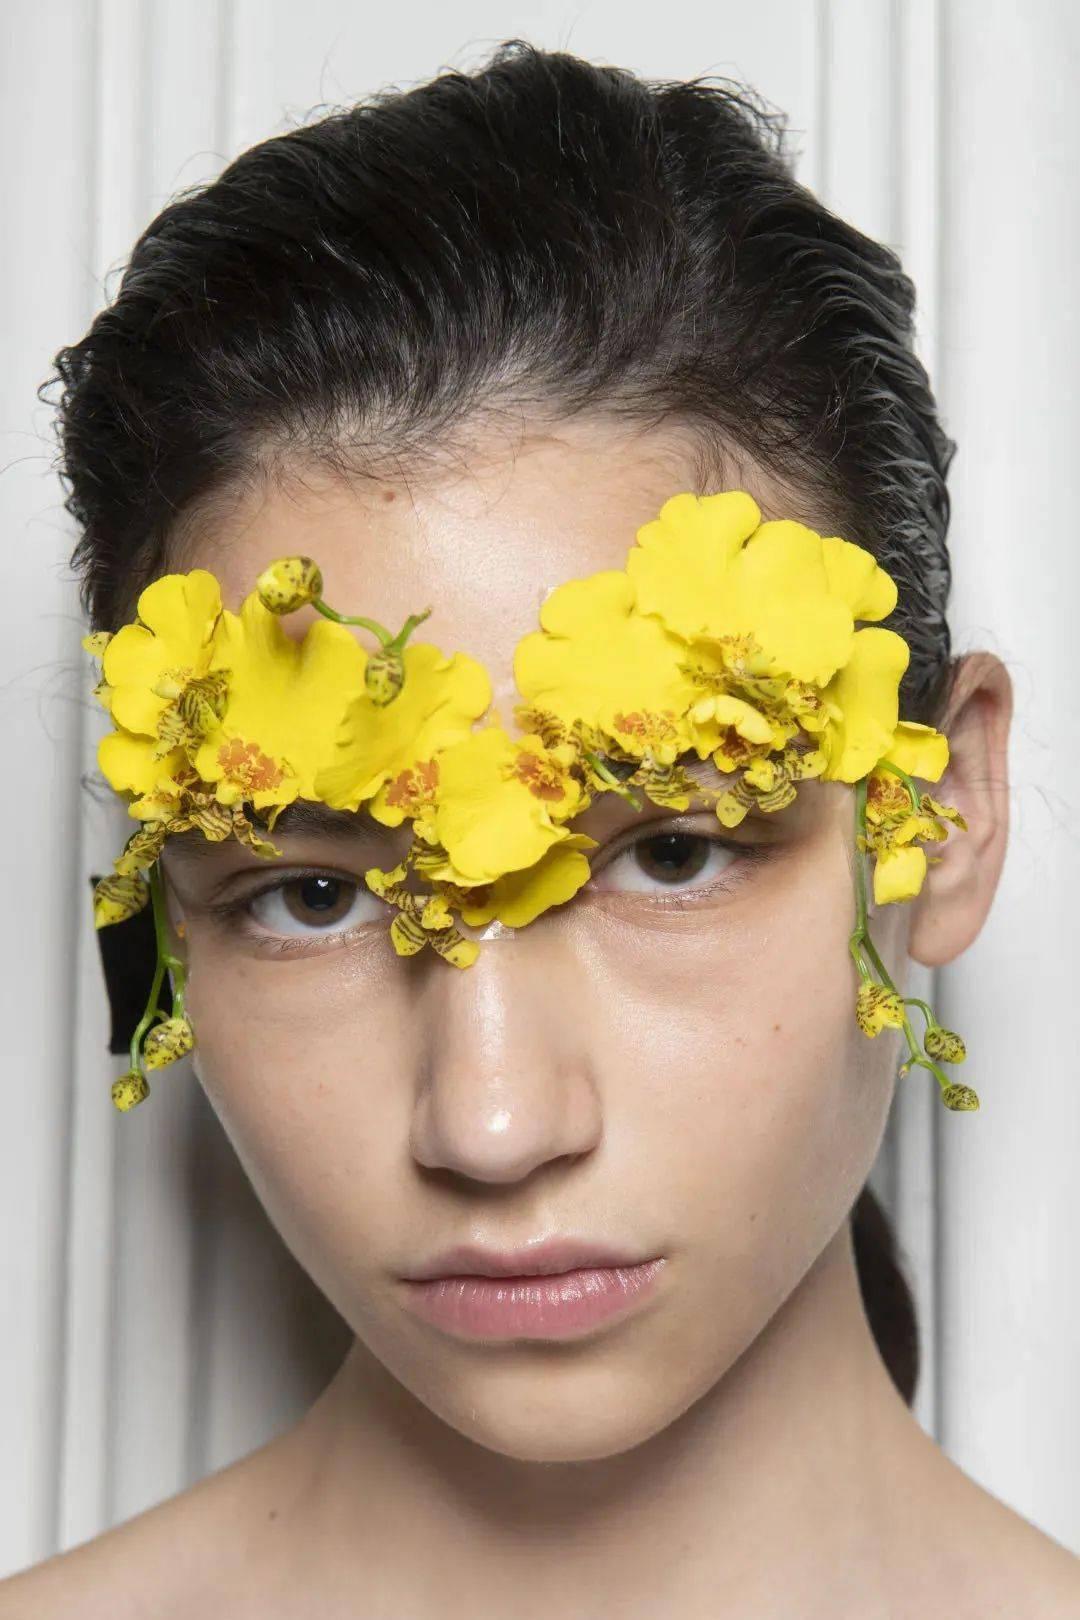 彩妆大师Pat McGrath创造的水钻烟熏眼妆,再次将美学发挥到极致。